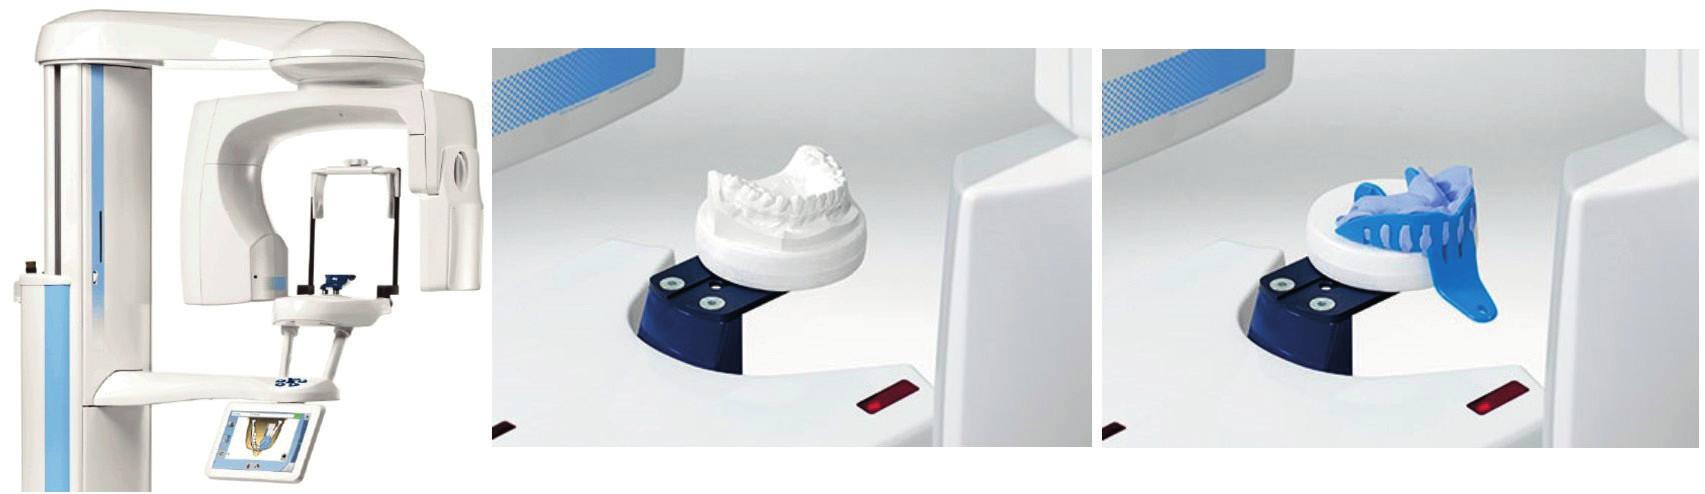 """Objemová data získaná digitalizací pomocí počítačové tomografie na přístroji Planmeca ProMax<sup>®</sup> 3D (Planmeca, Finsko) (převzato z: <a href=""""http://www.midealtech.com.tw/eng/p2-products-1a.htm"""">www.midealtech.com.tw/eng/p2-products-1a.htm</a>)."""